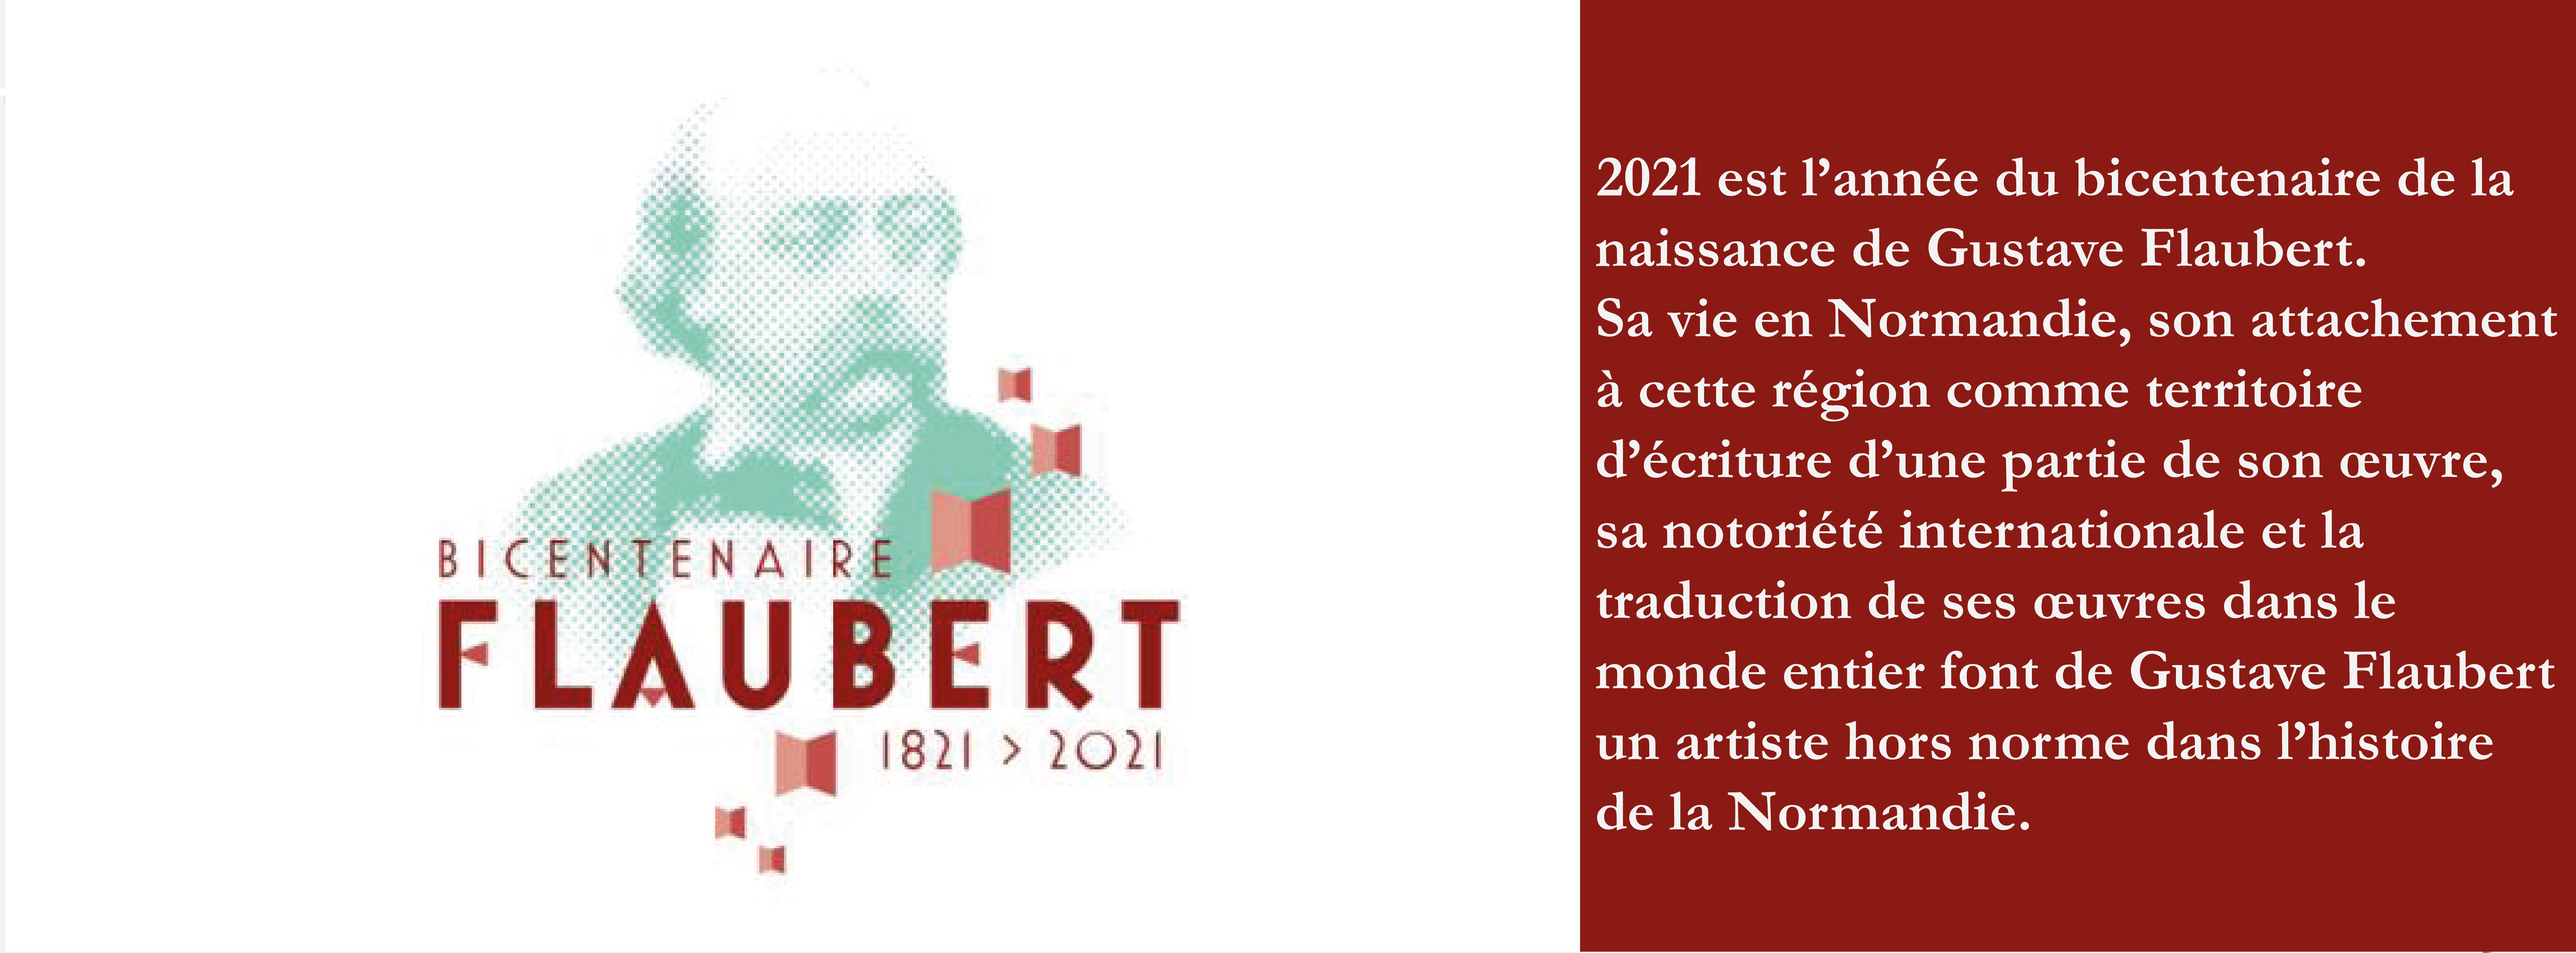 2021 : année Flaubert